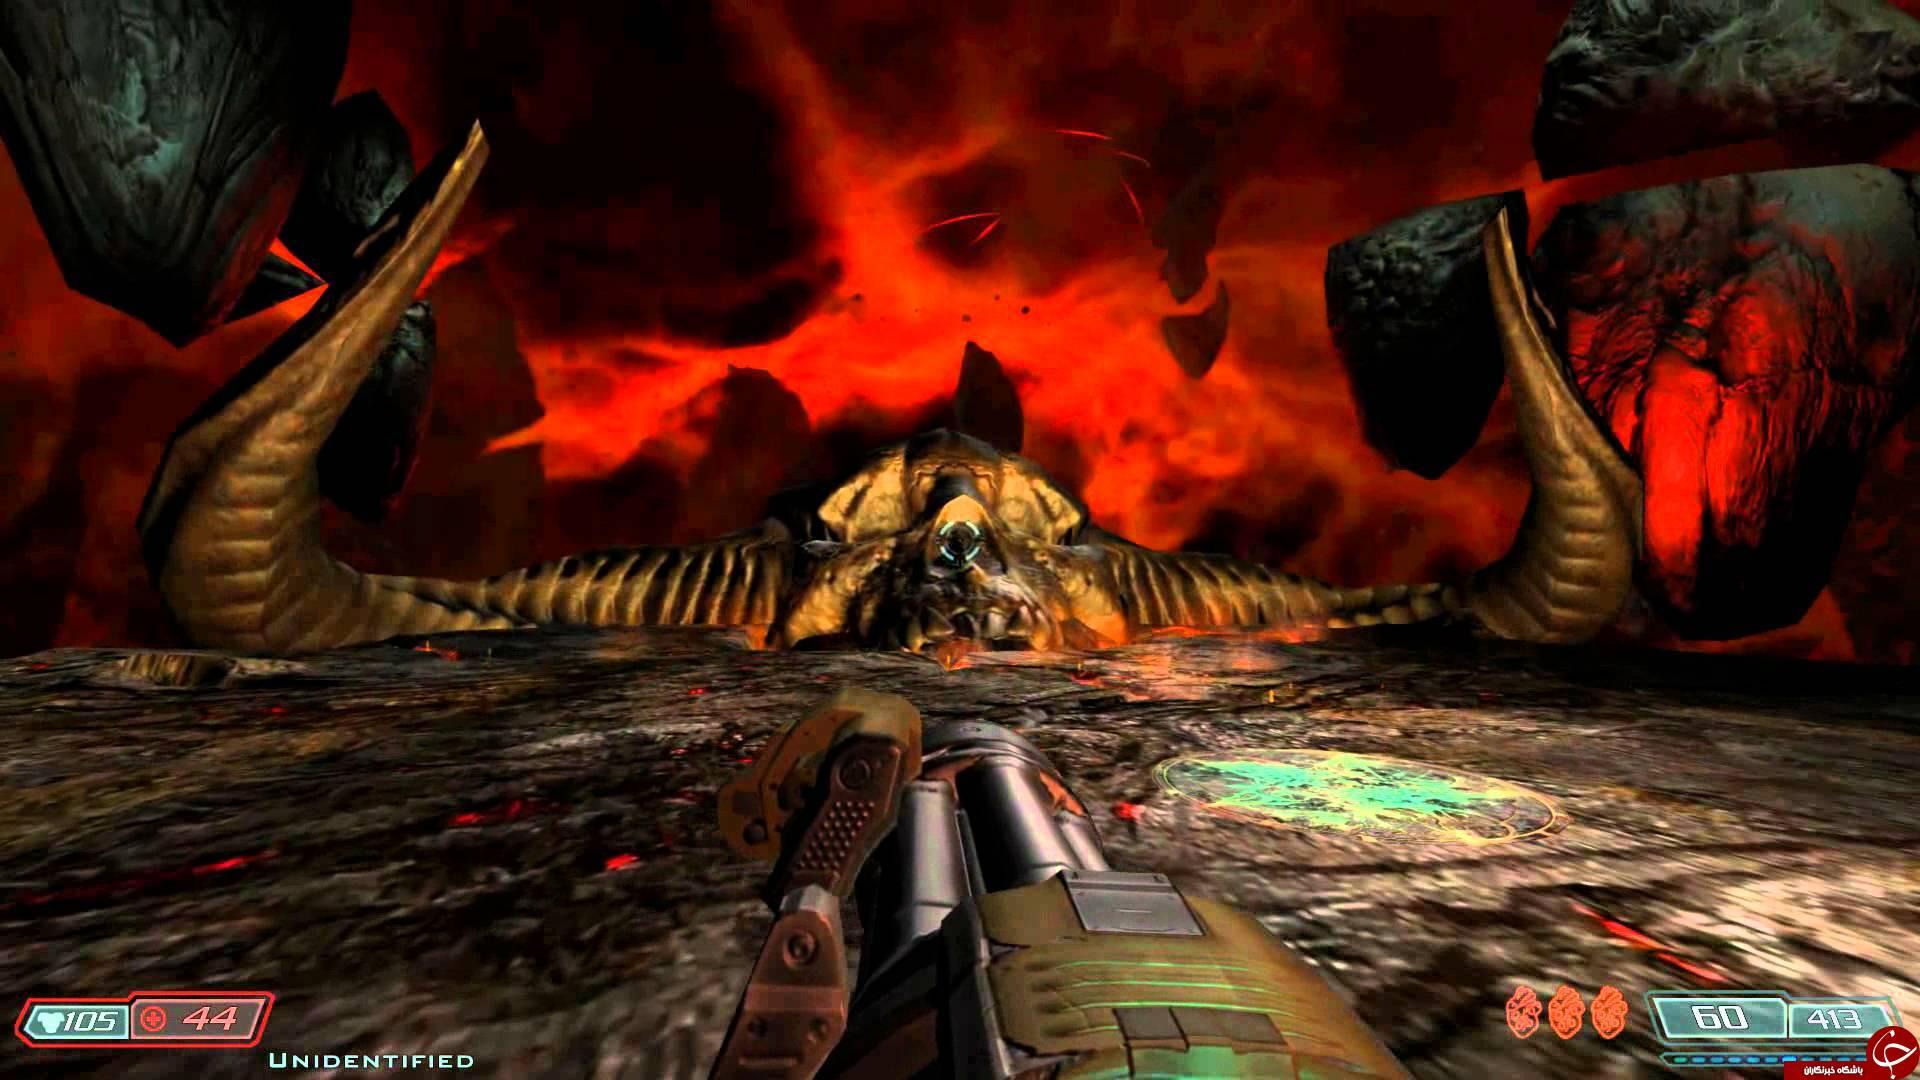 بازی هایی که شما را تا حد مرگ می ترساند